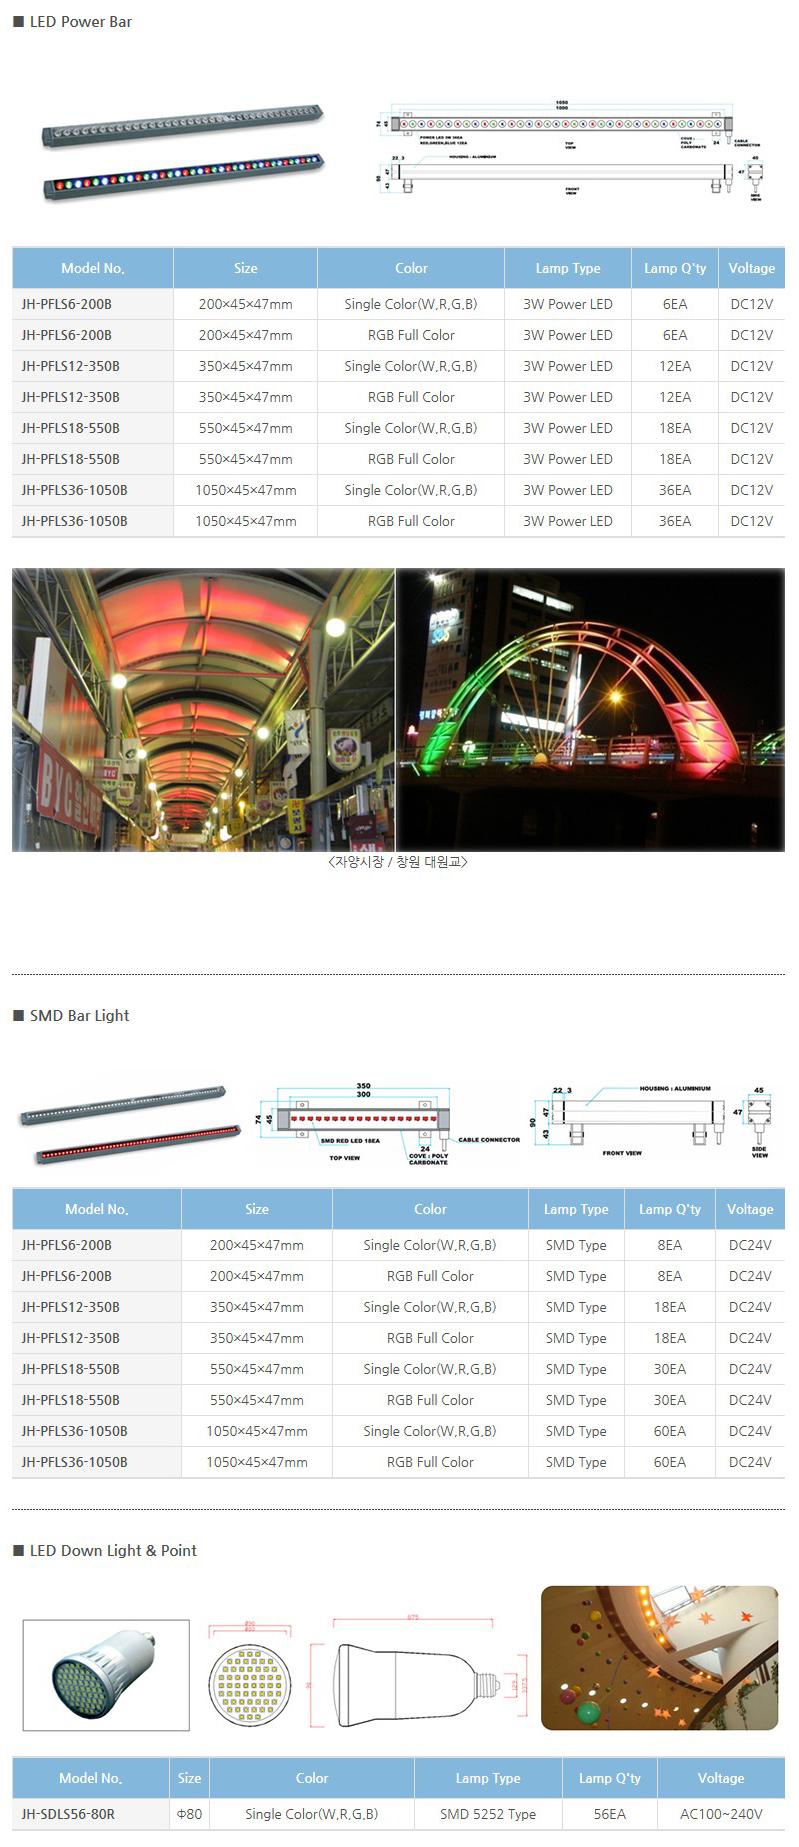 (주)정광테크 LED 특수조명  2